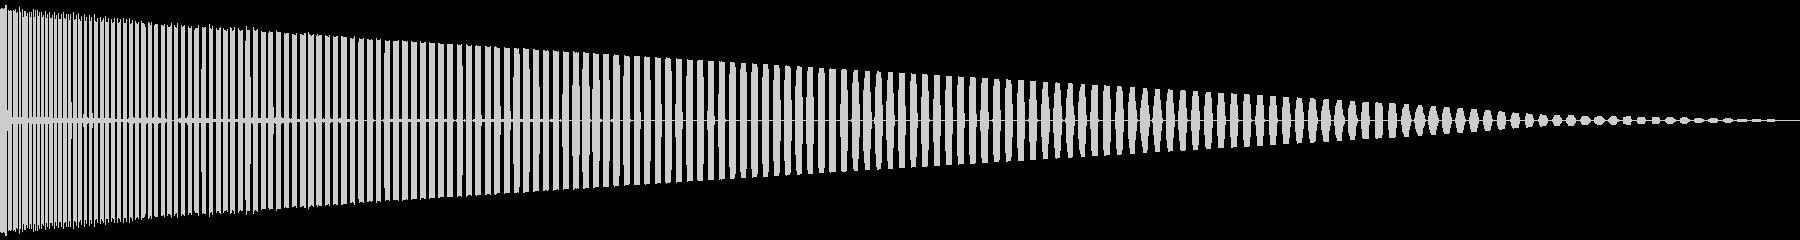 パワーダウンの未再生の波形